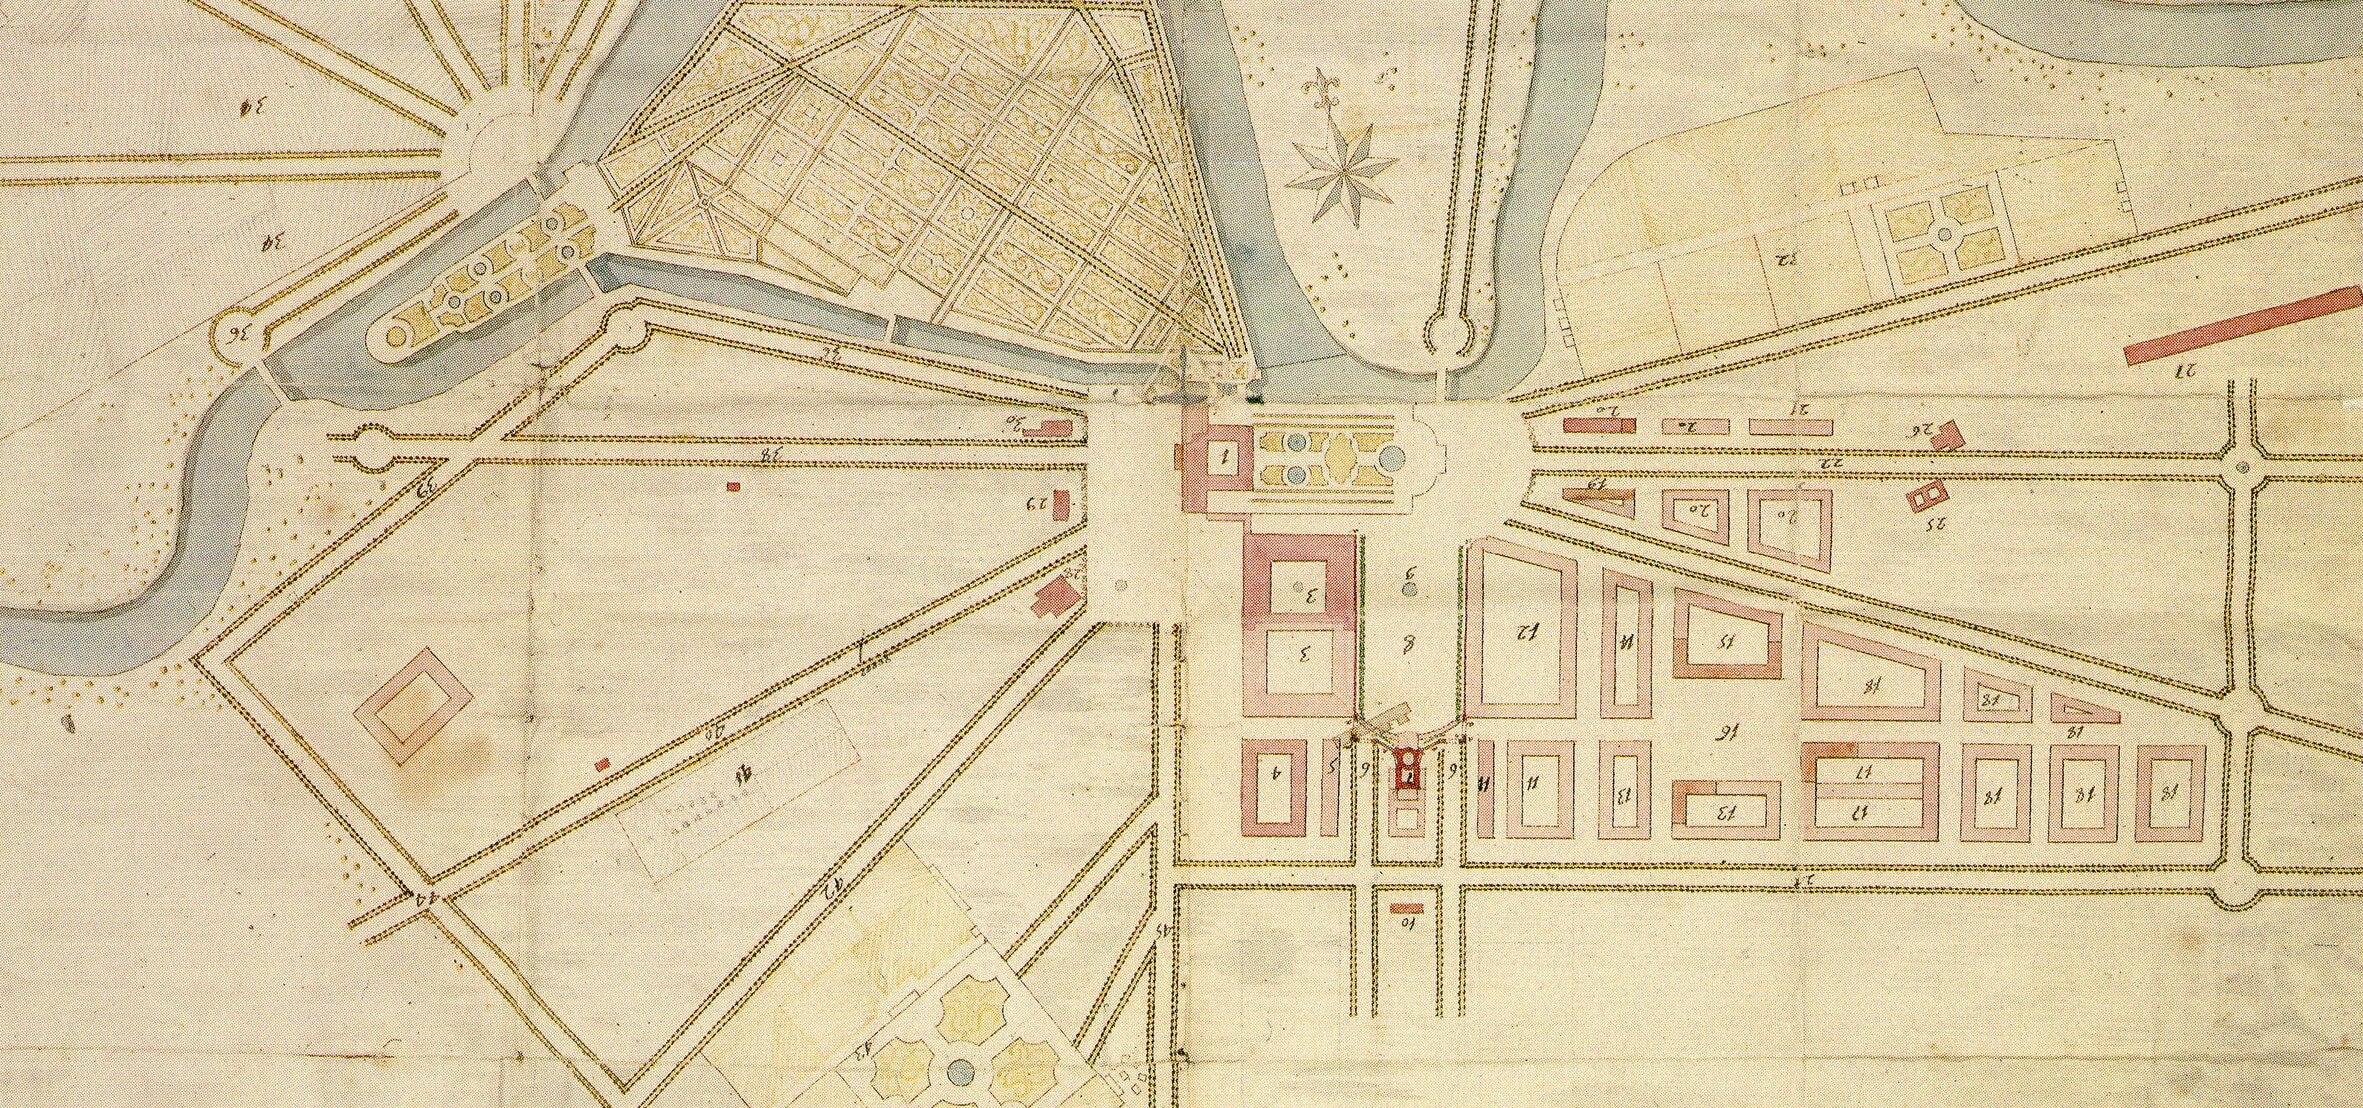 cabecera mapas camino de las reinas (1)